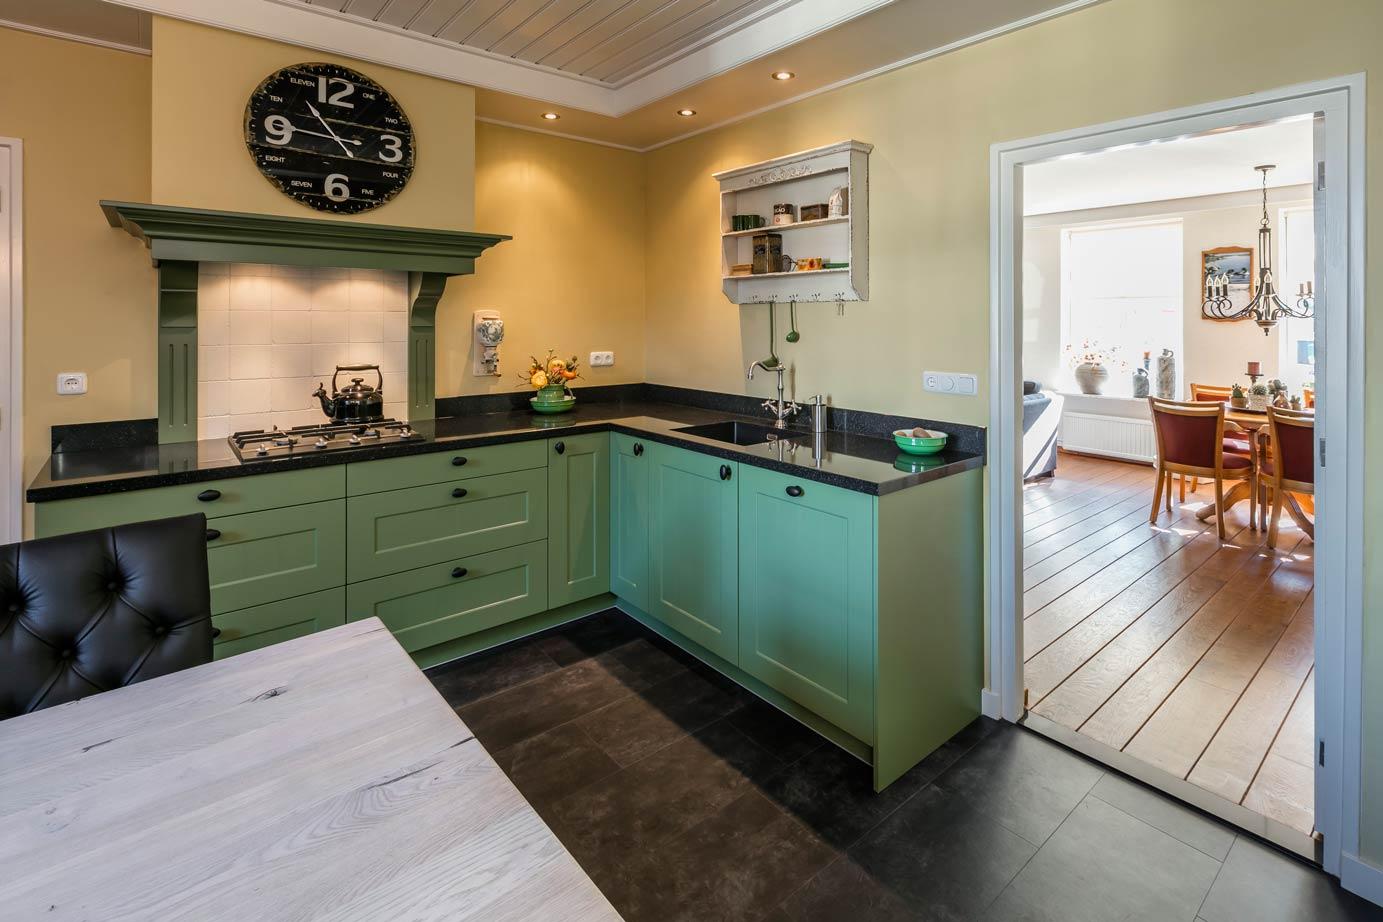 Moderne Blauw Keuken : Een grijze keuken luxe uitstraling past bij veel interieurs db